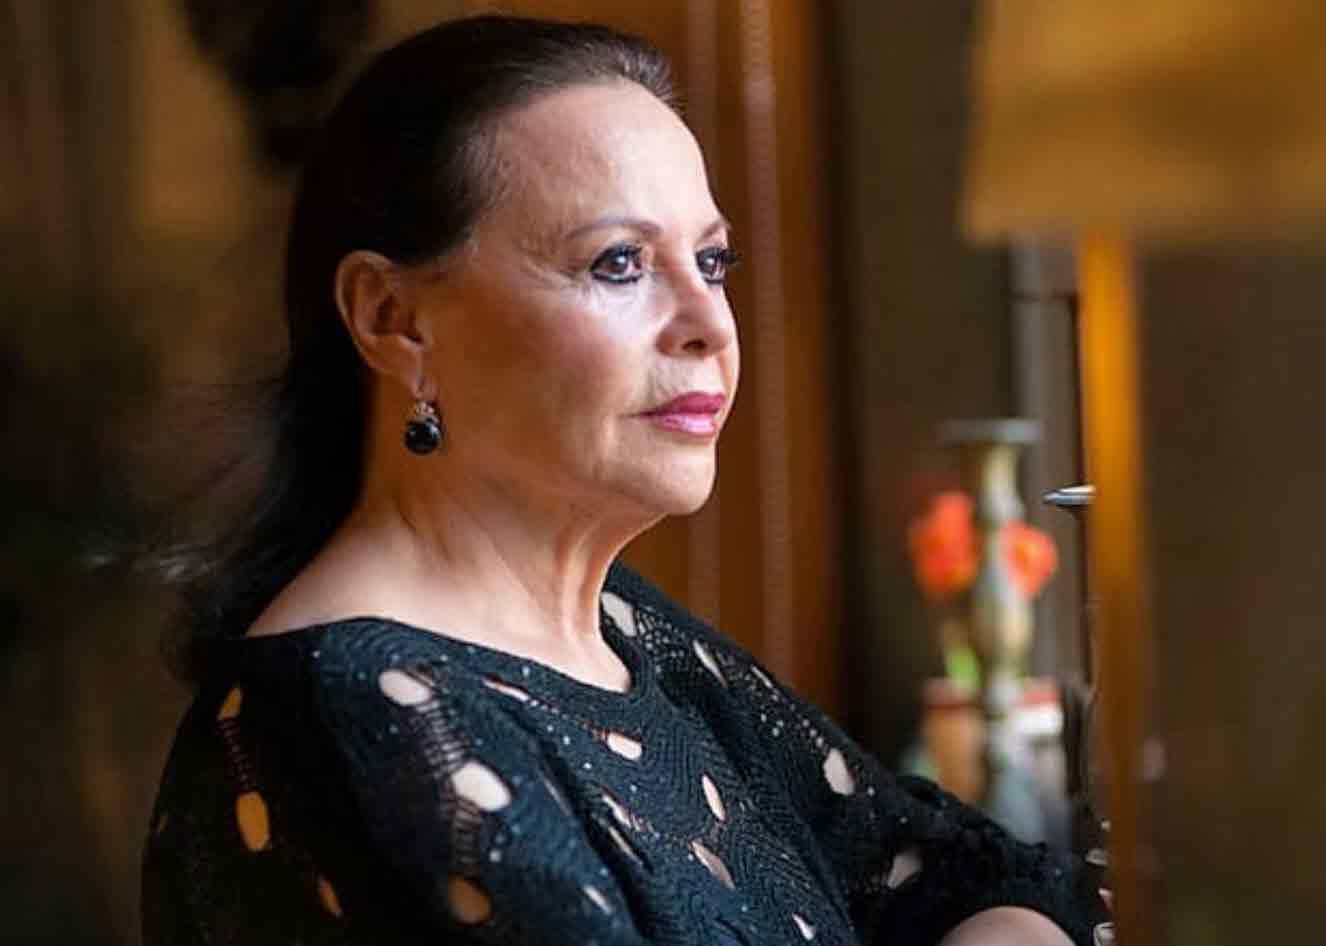 בגיל 81: השחקנית גילה אלמגור עושה מעשה מאוד מרגש!